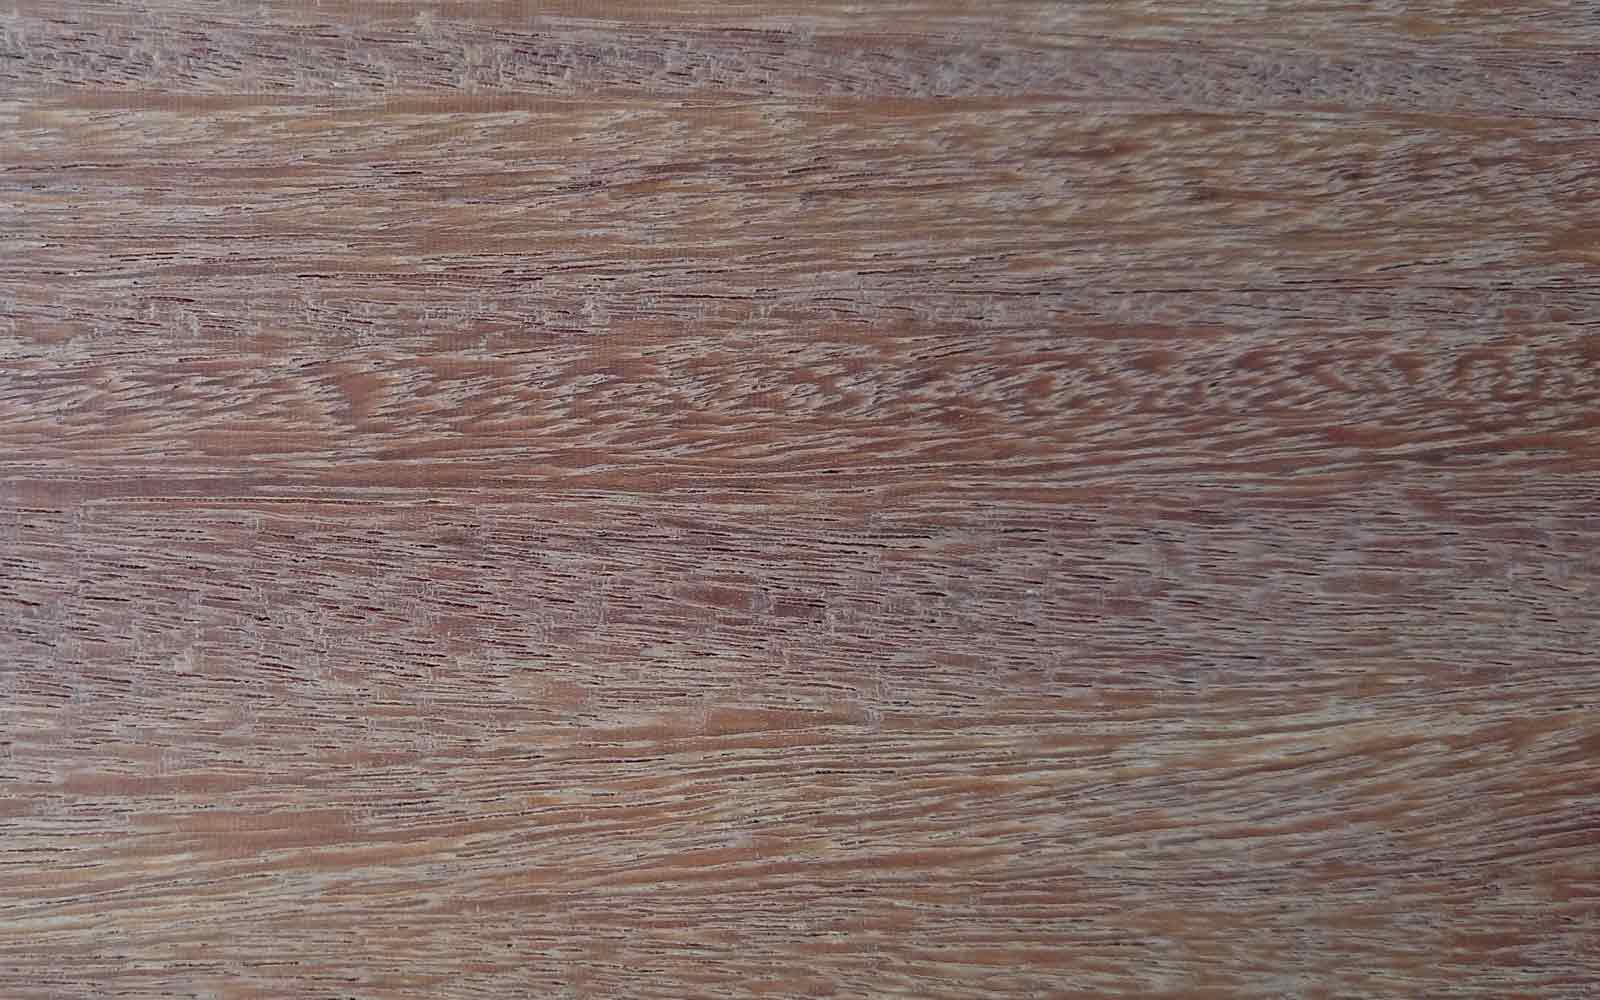 Venta de maderas importadas - madera-cumaru